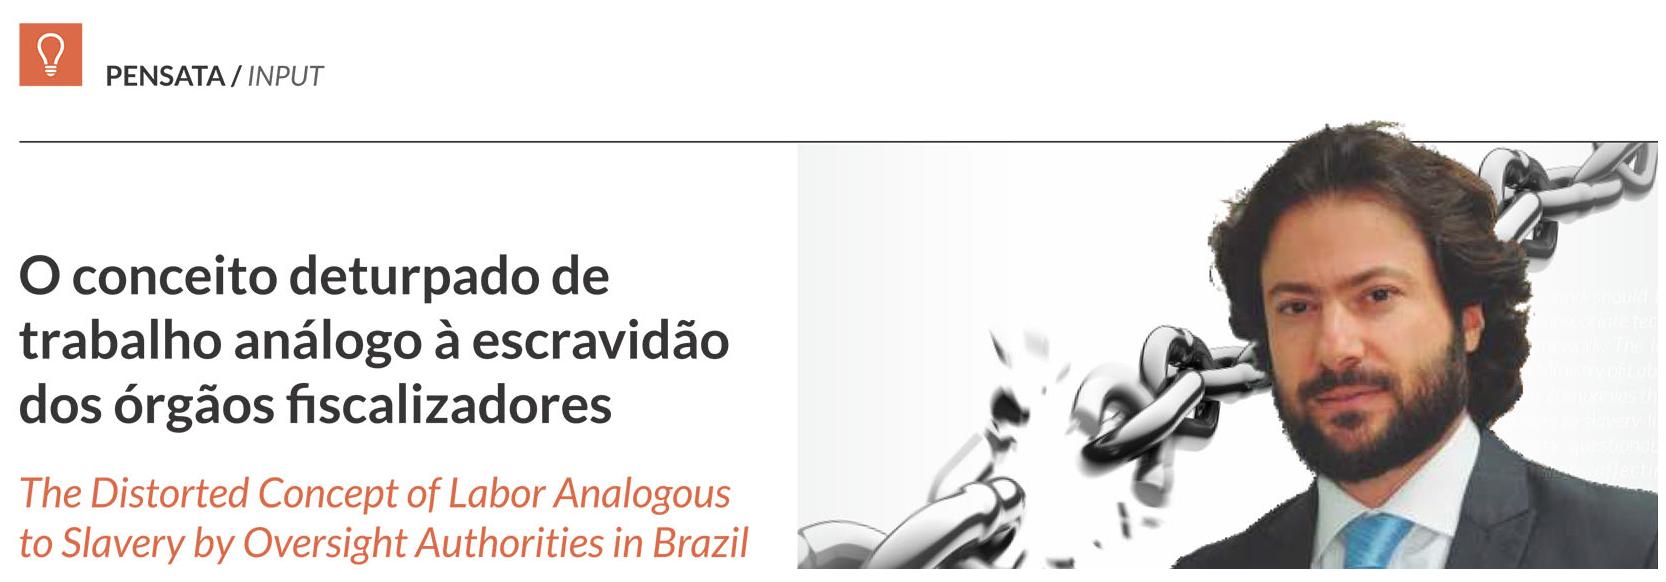 Andre de Sousa Lima Campos, presidente do Sinduscon-MG, discute sobre o conceito de trabalho análogo à escravidão dos órgãos fiscalizadores.